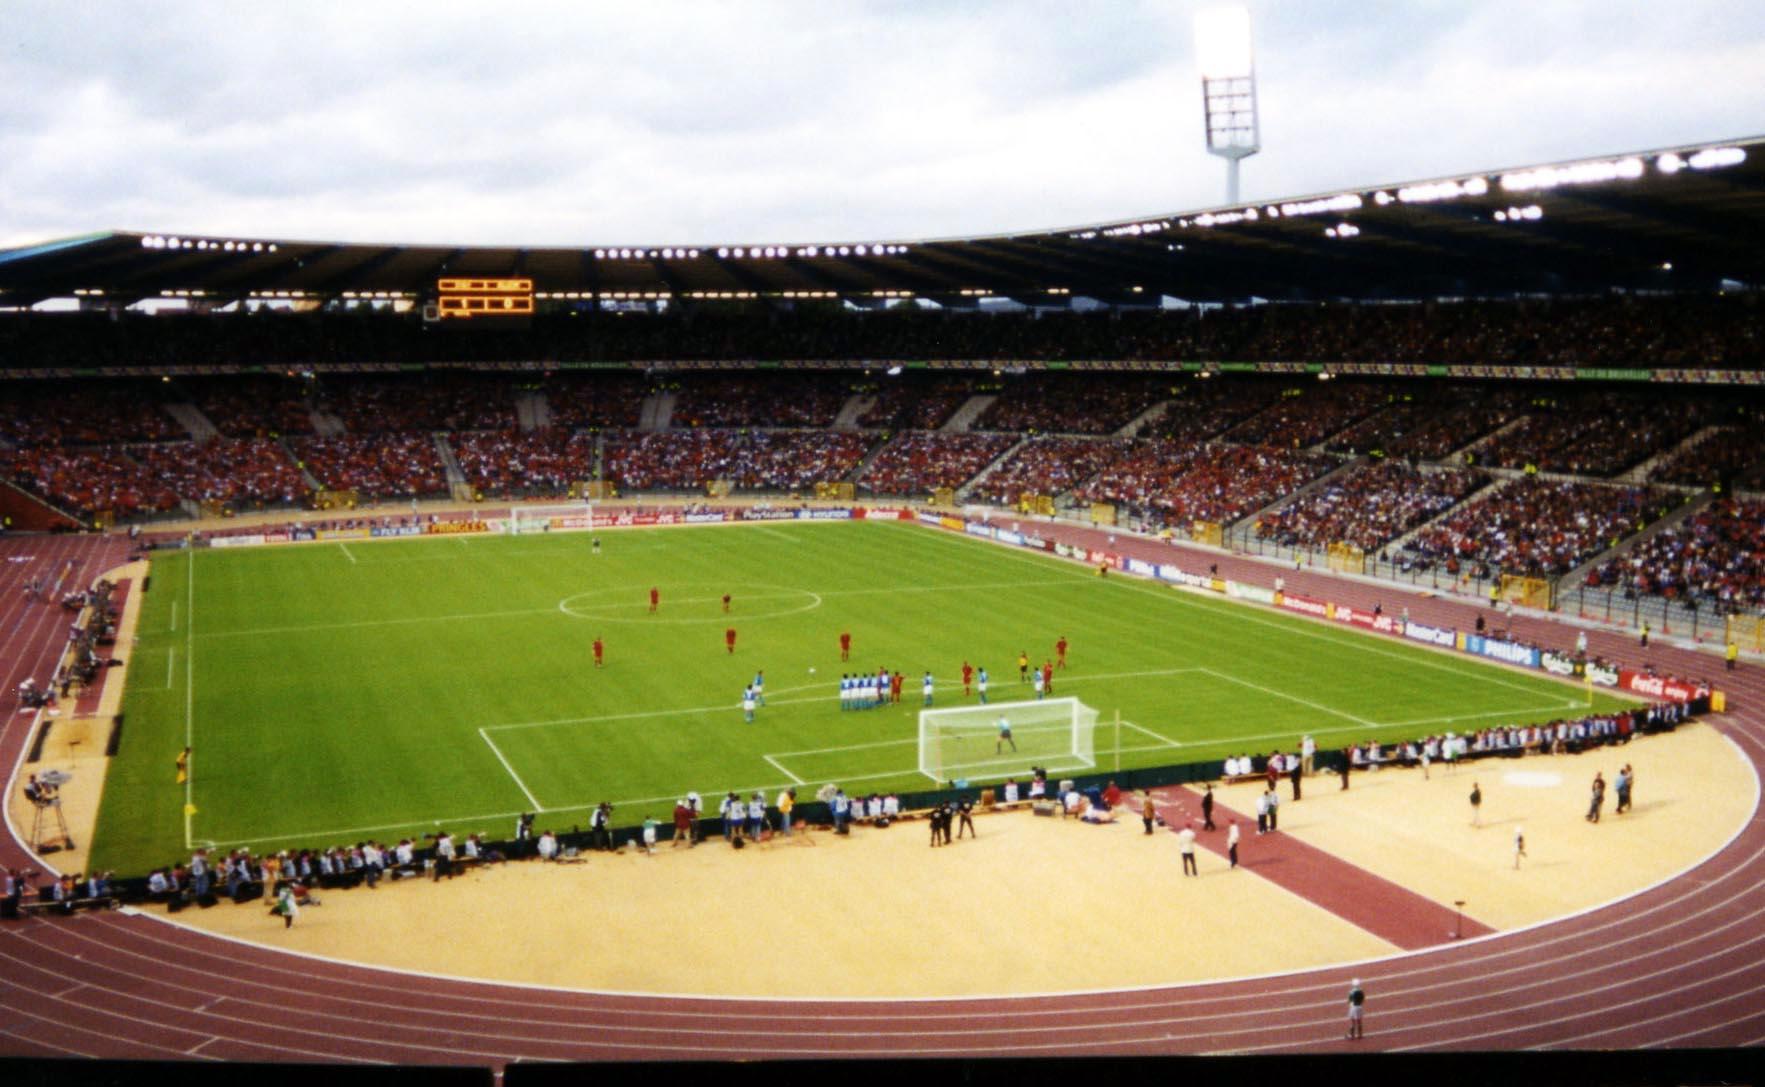 """Stadionul """"Roi Baudouin"""" din Bruxelles ar fi trebuit să găzduiască meciul (Wikimedia Commons)"""